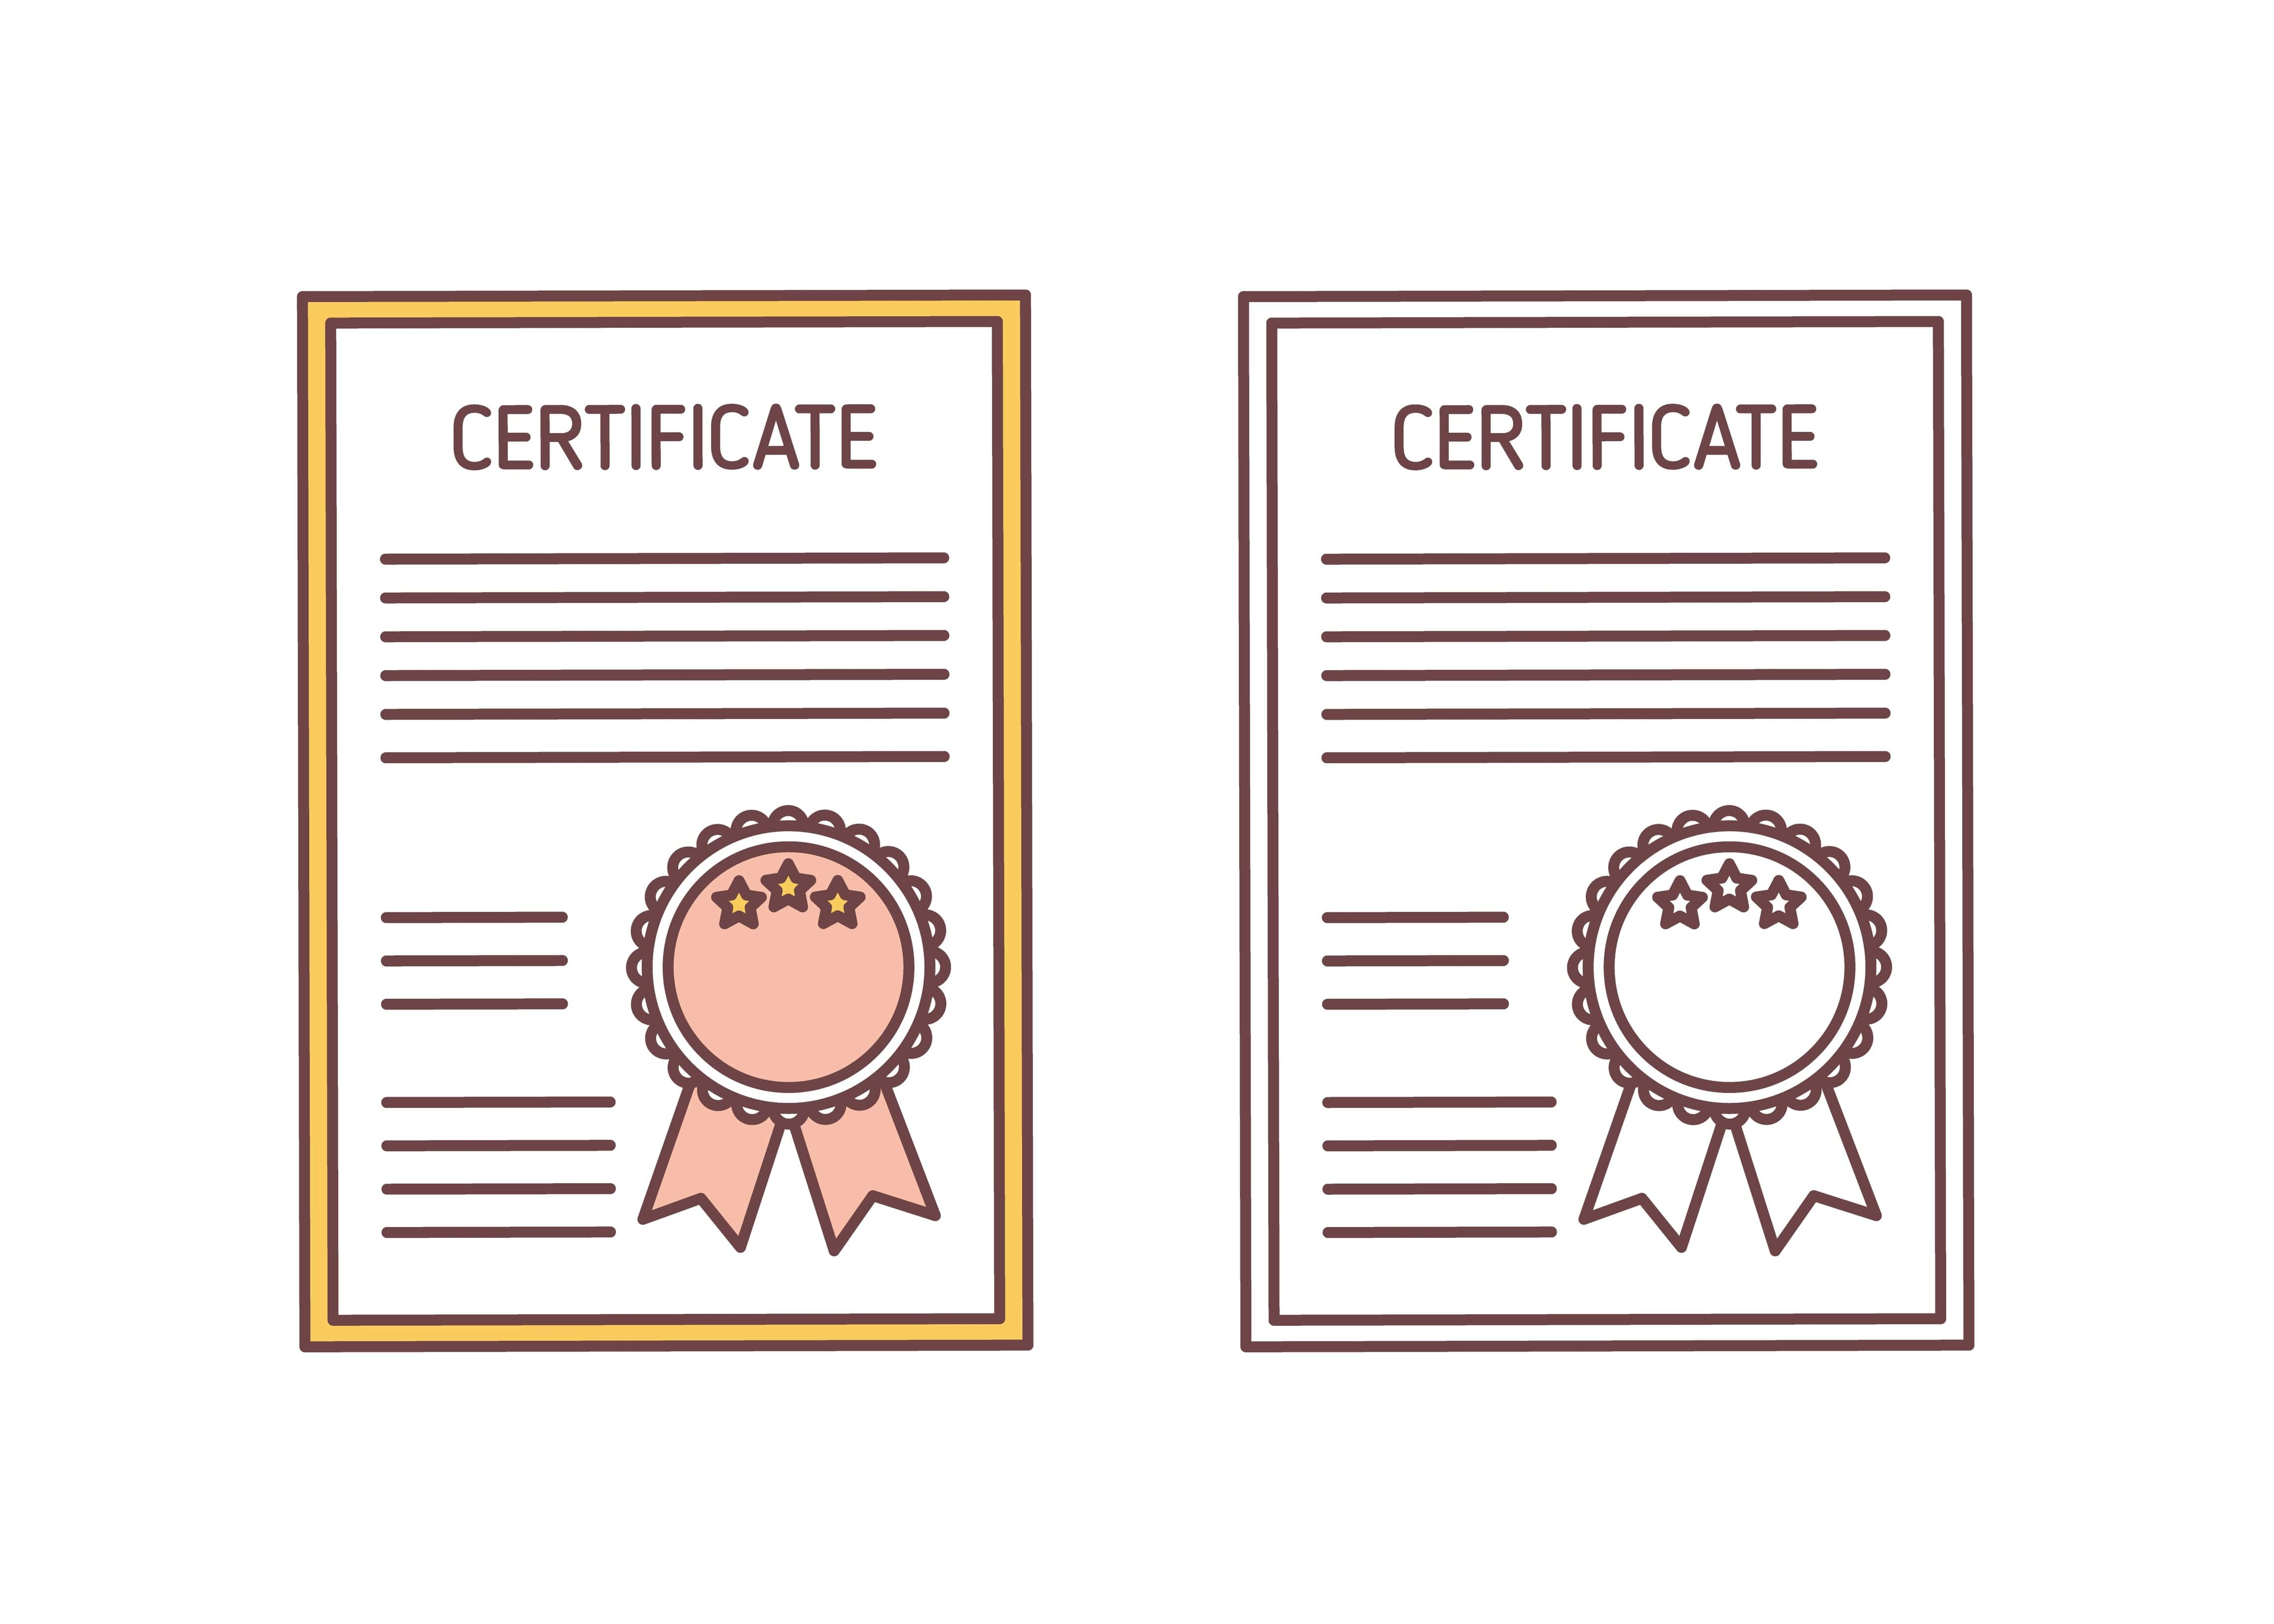 Imagem vetorizada mostrando 2 certificados